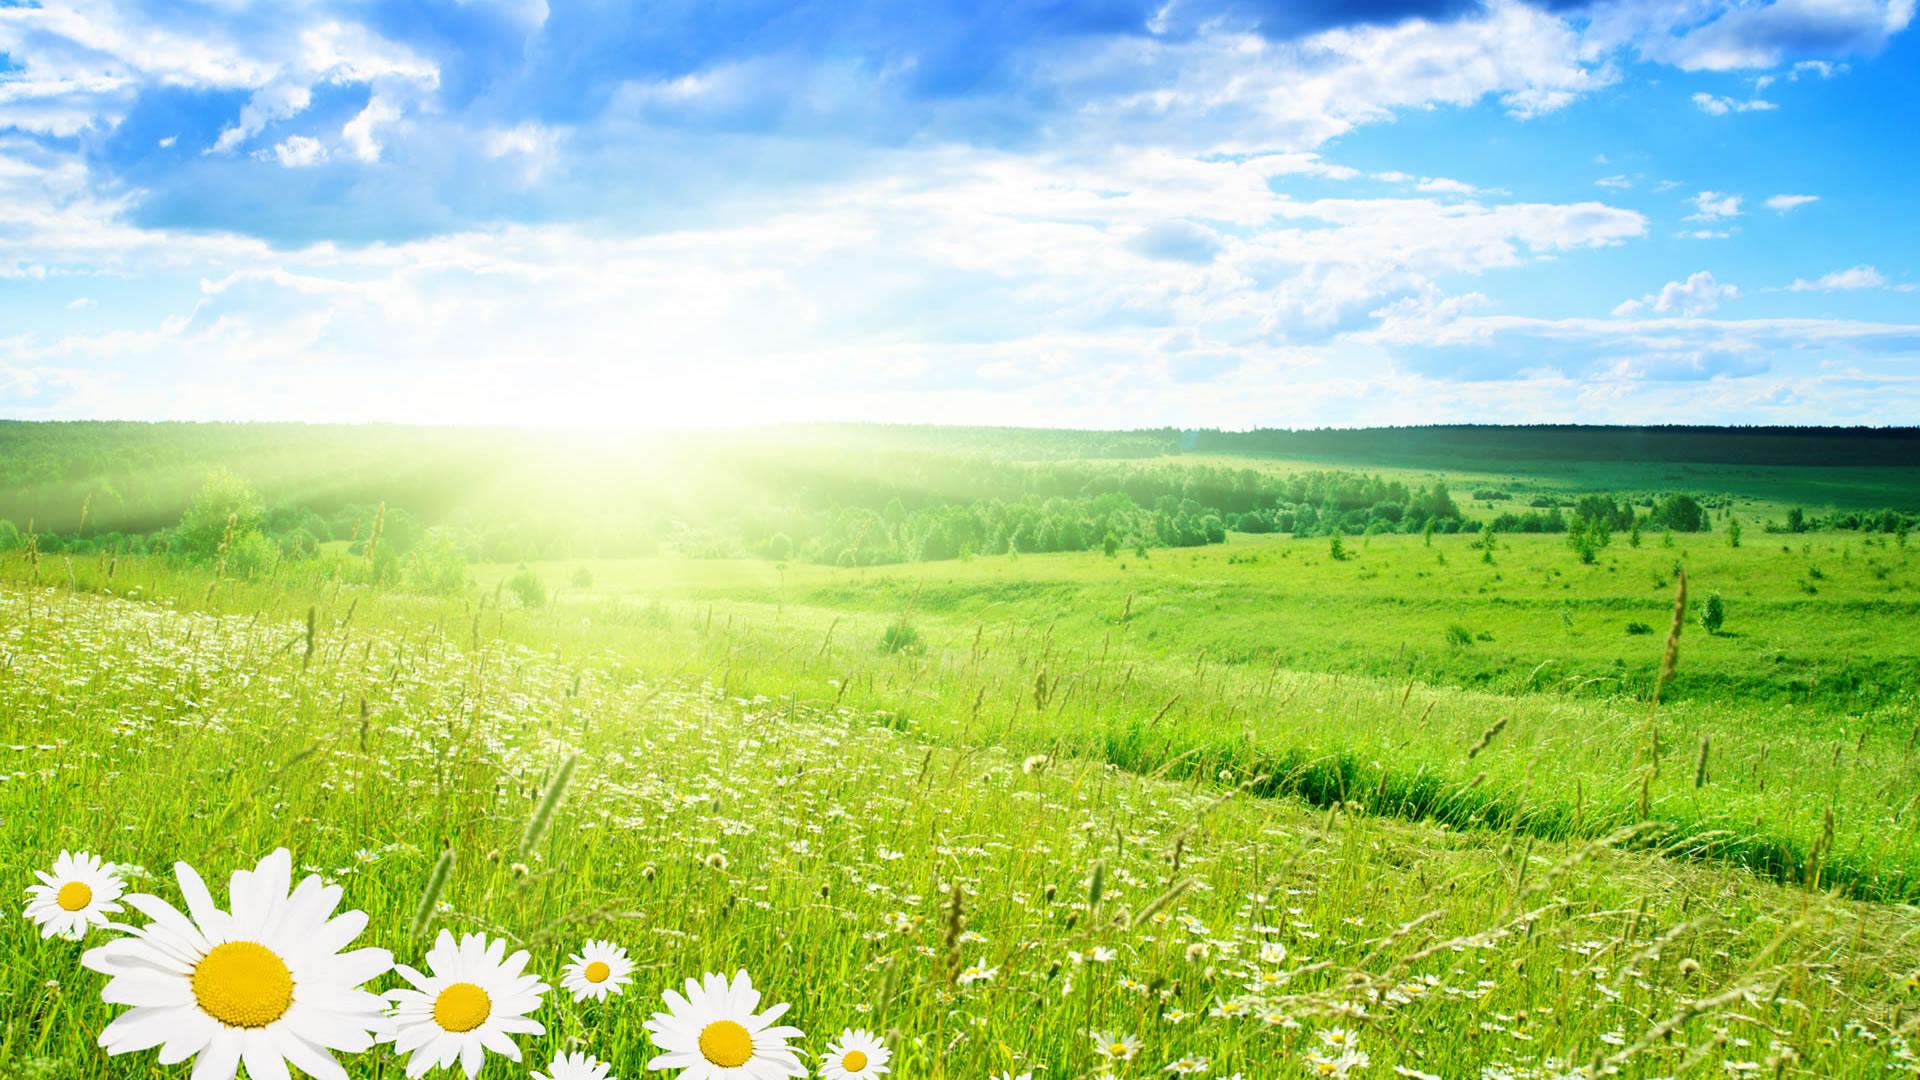 солнце, весна, трава, цветы, скачать фото, обои для рабочего стола